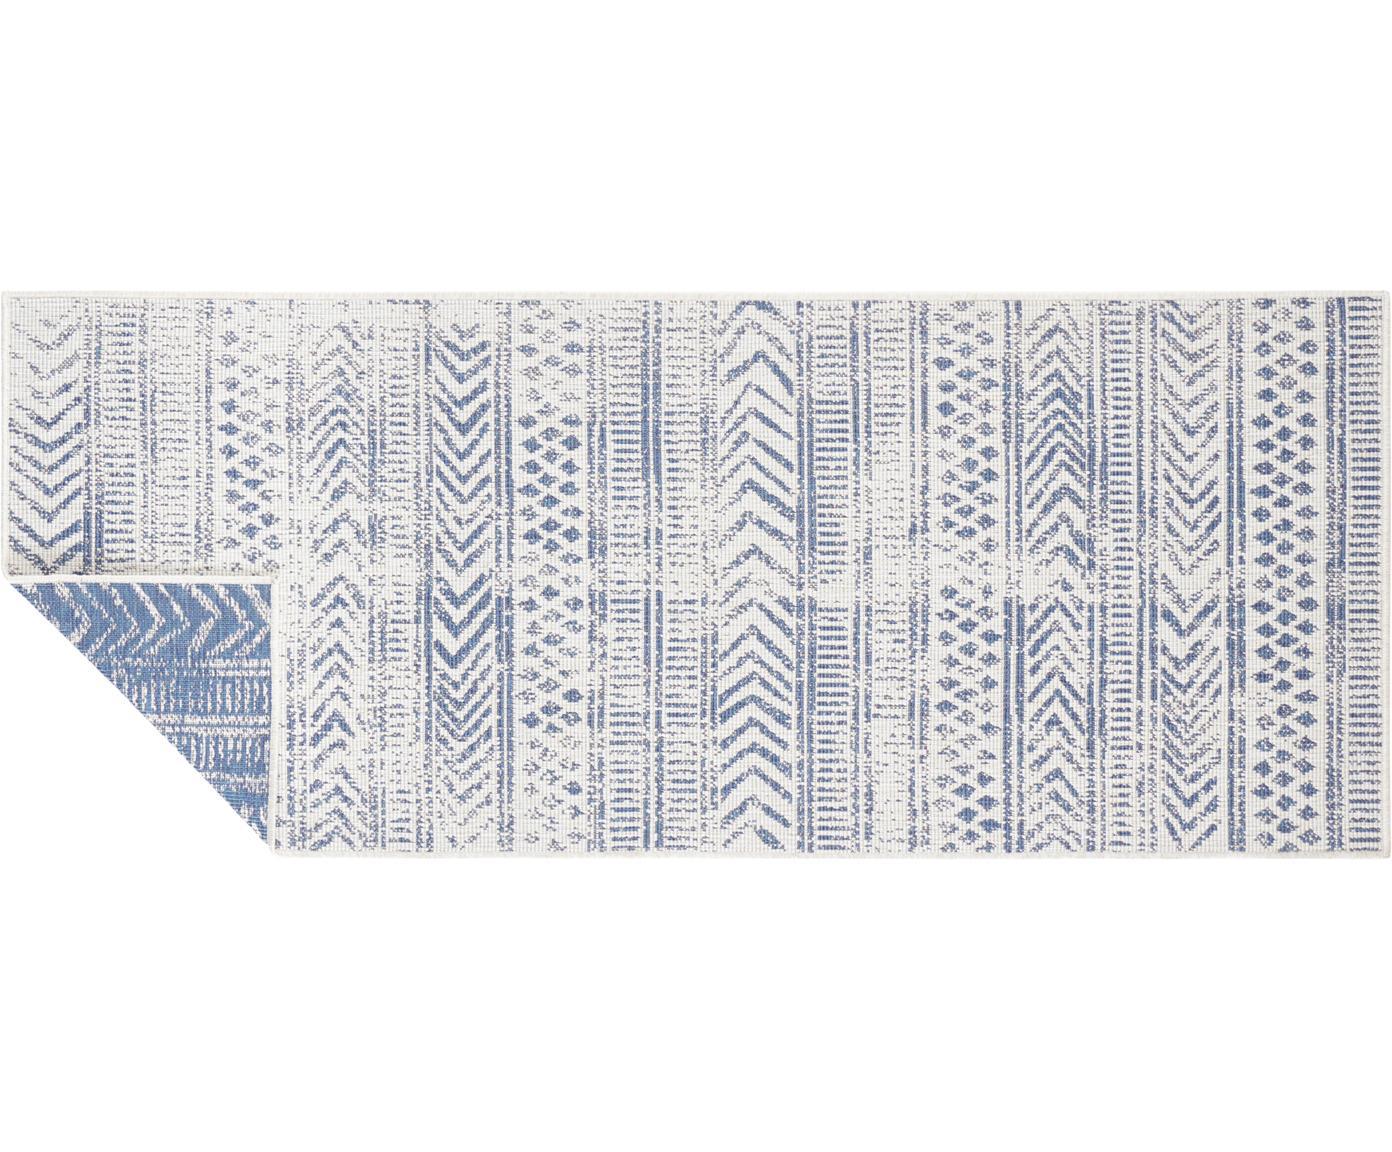 Gemusterter In- & Outdoor-Wendeläufer Biri in Blau/Creme, 100% Polypropylen, Blau, Creme, 80 x 250 cm